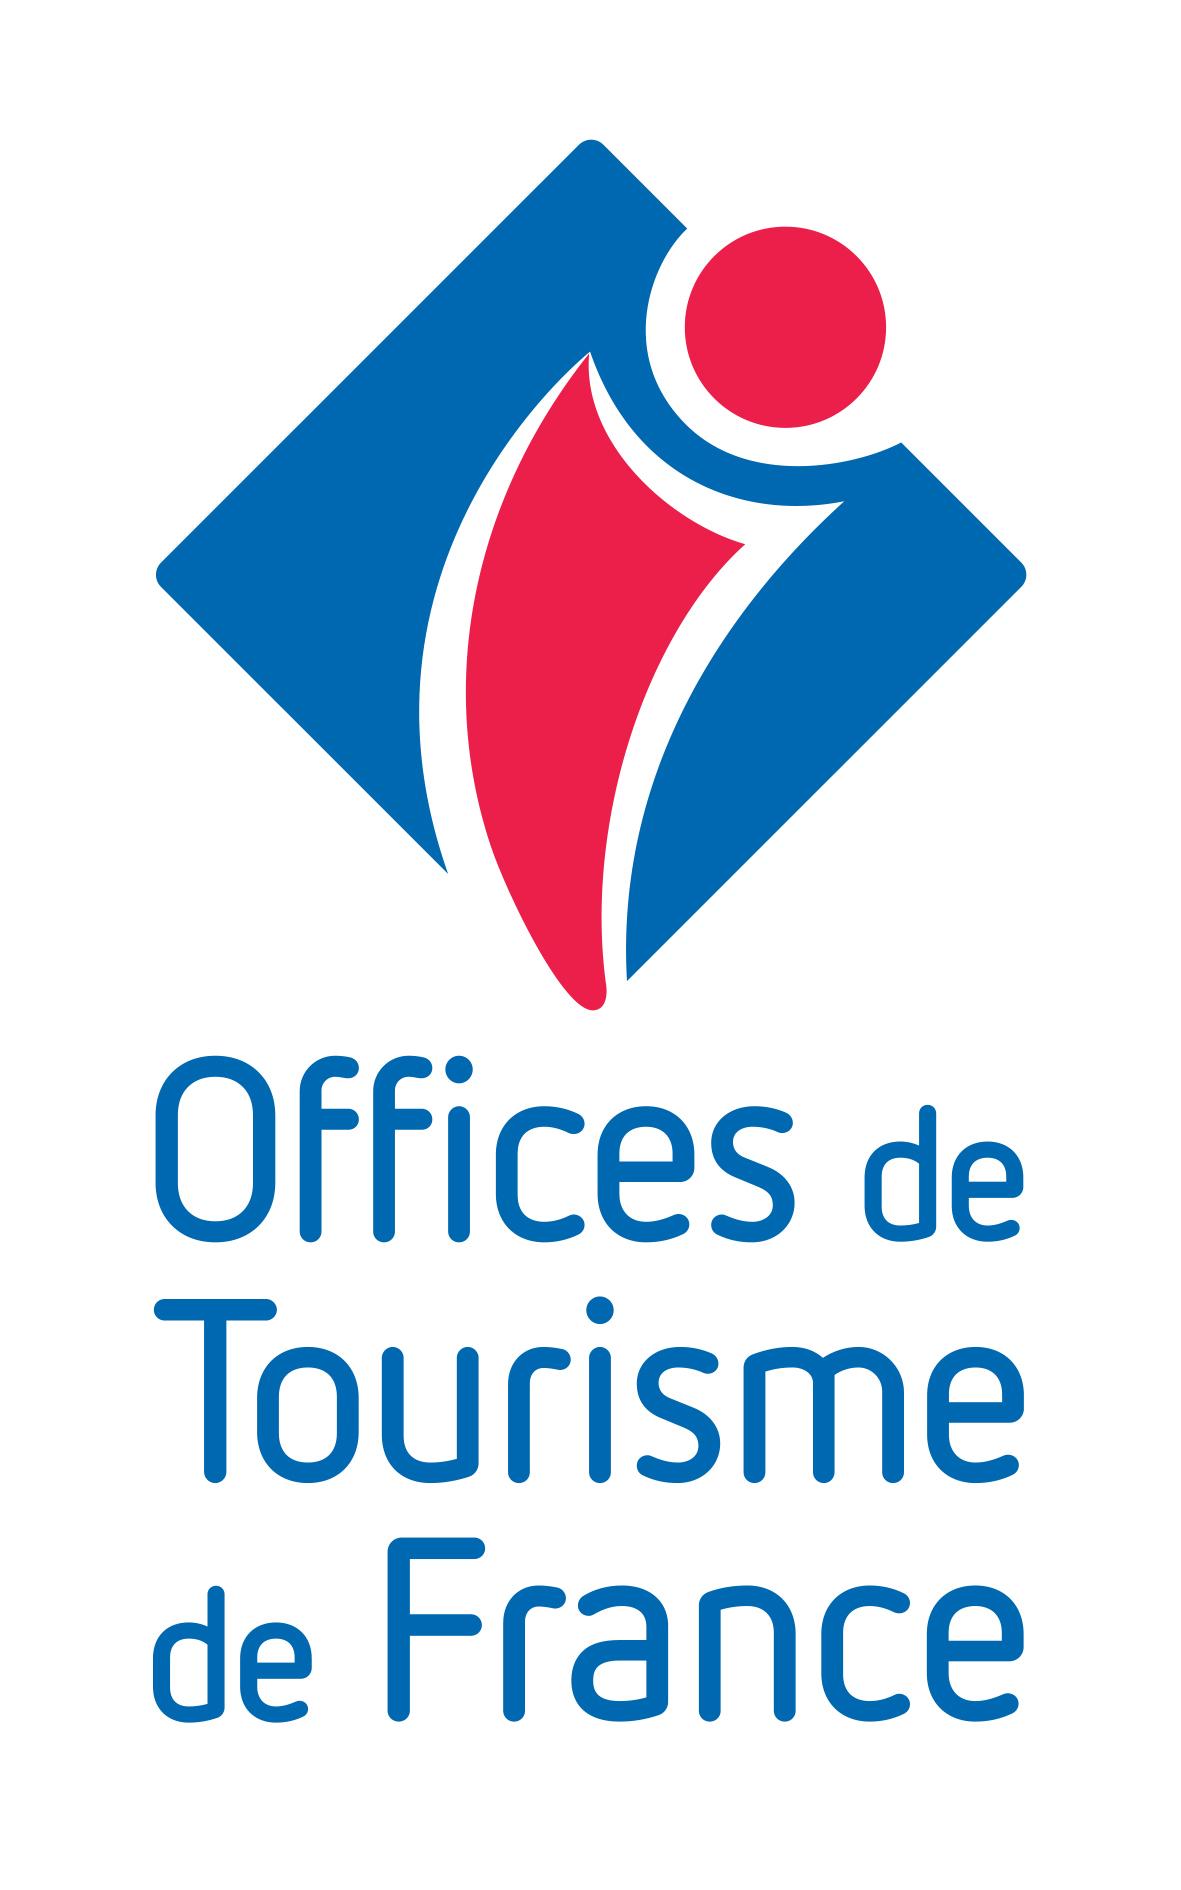 office de tourisme 34